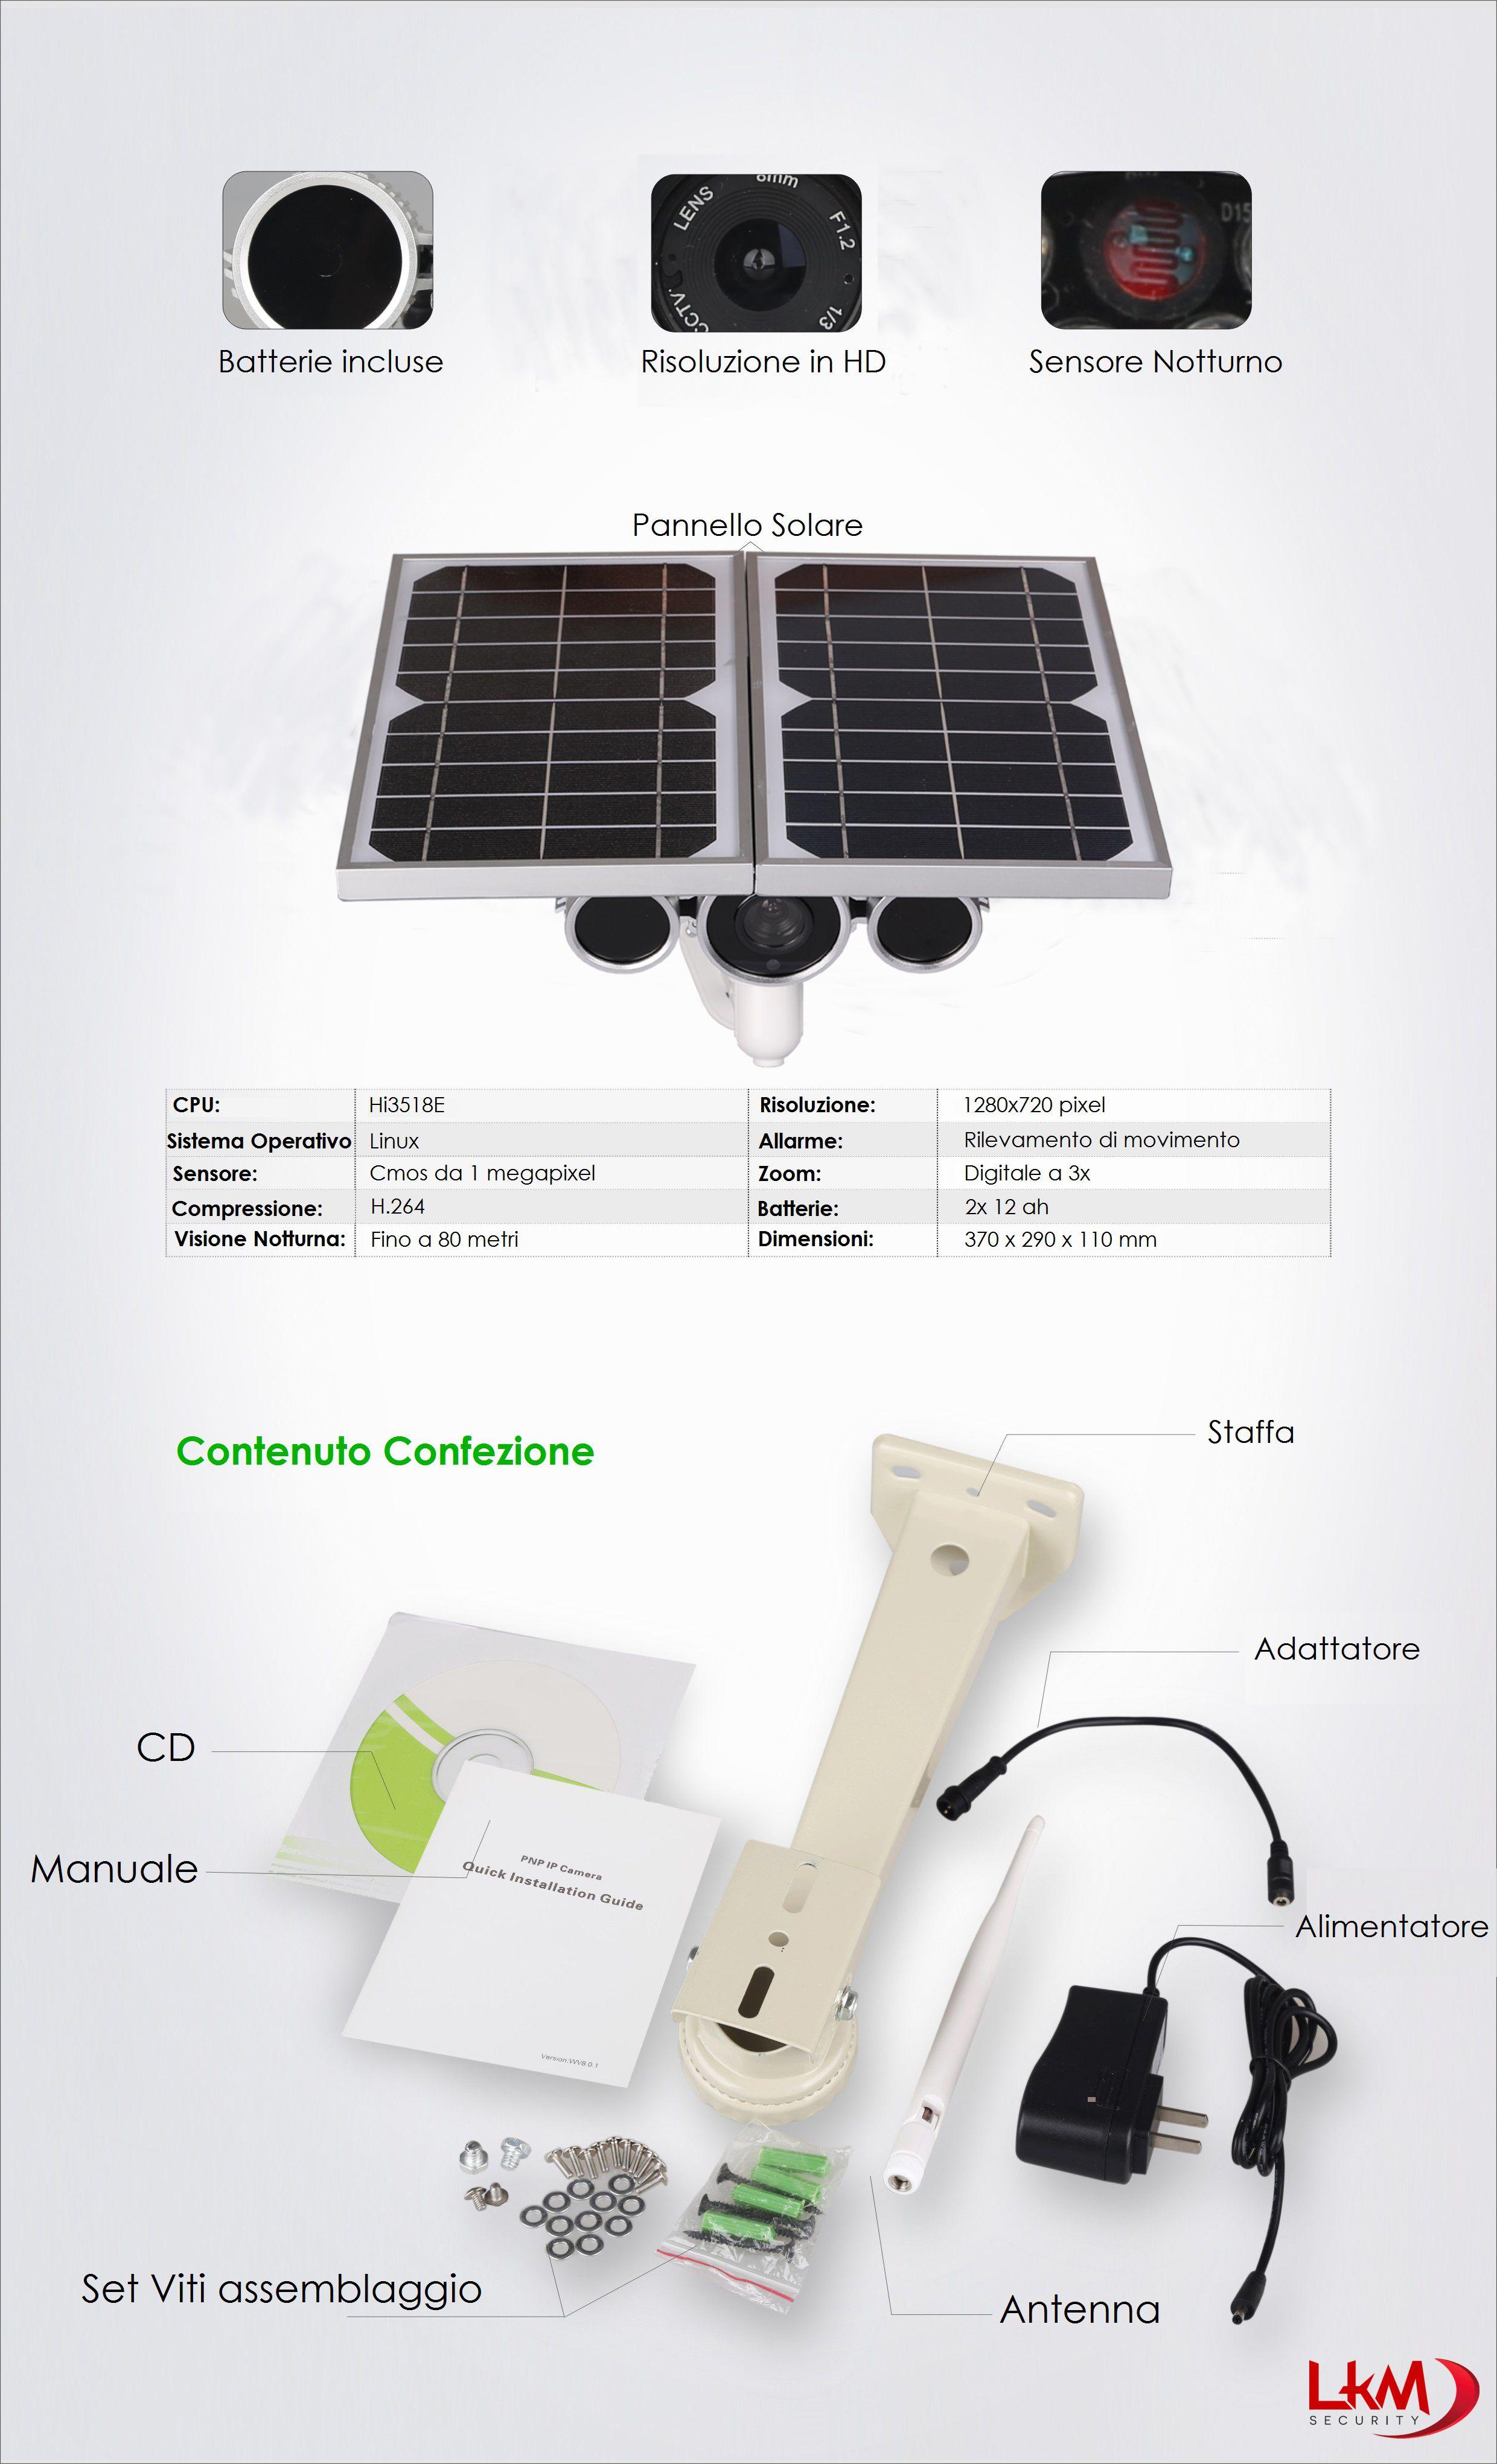 Pannello Solare Per Telecamera : Telecamera ip wireless con pannello solare e batteria